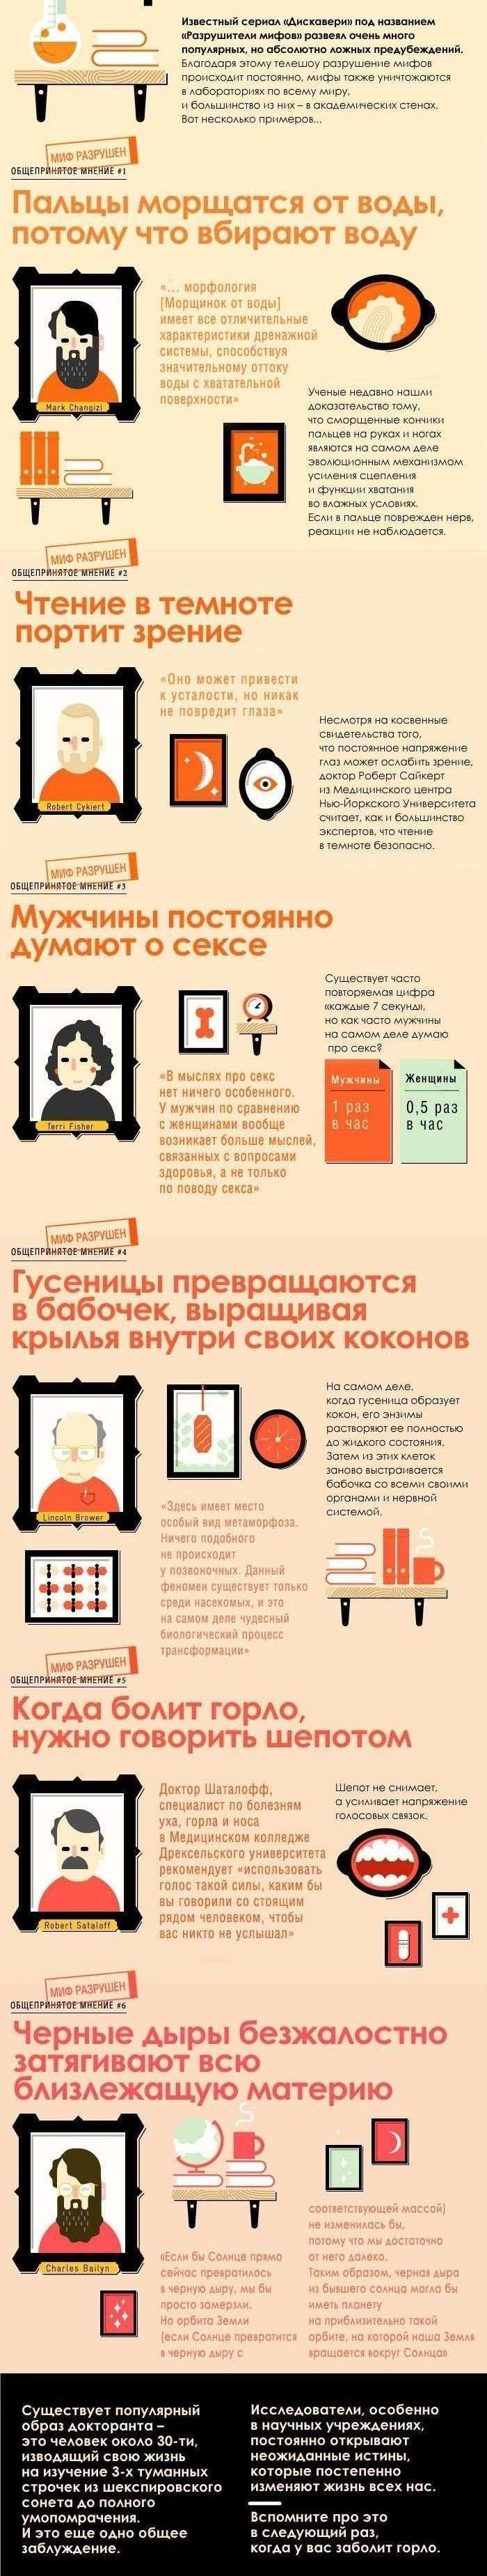 Руйнуємо кілька цікавих міфів (2 картинки)